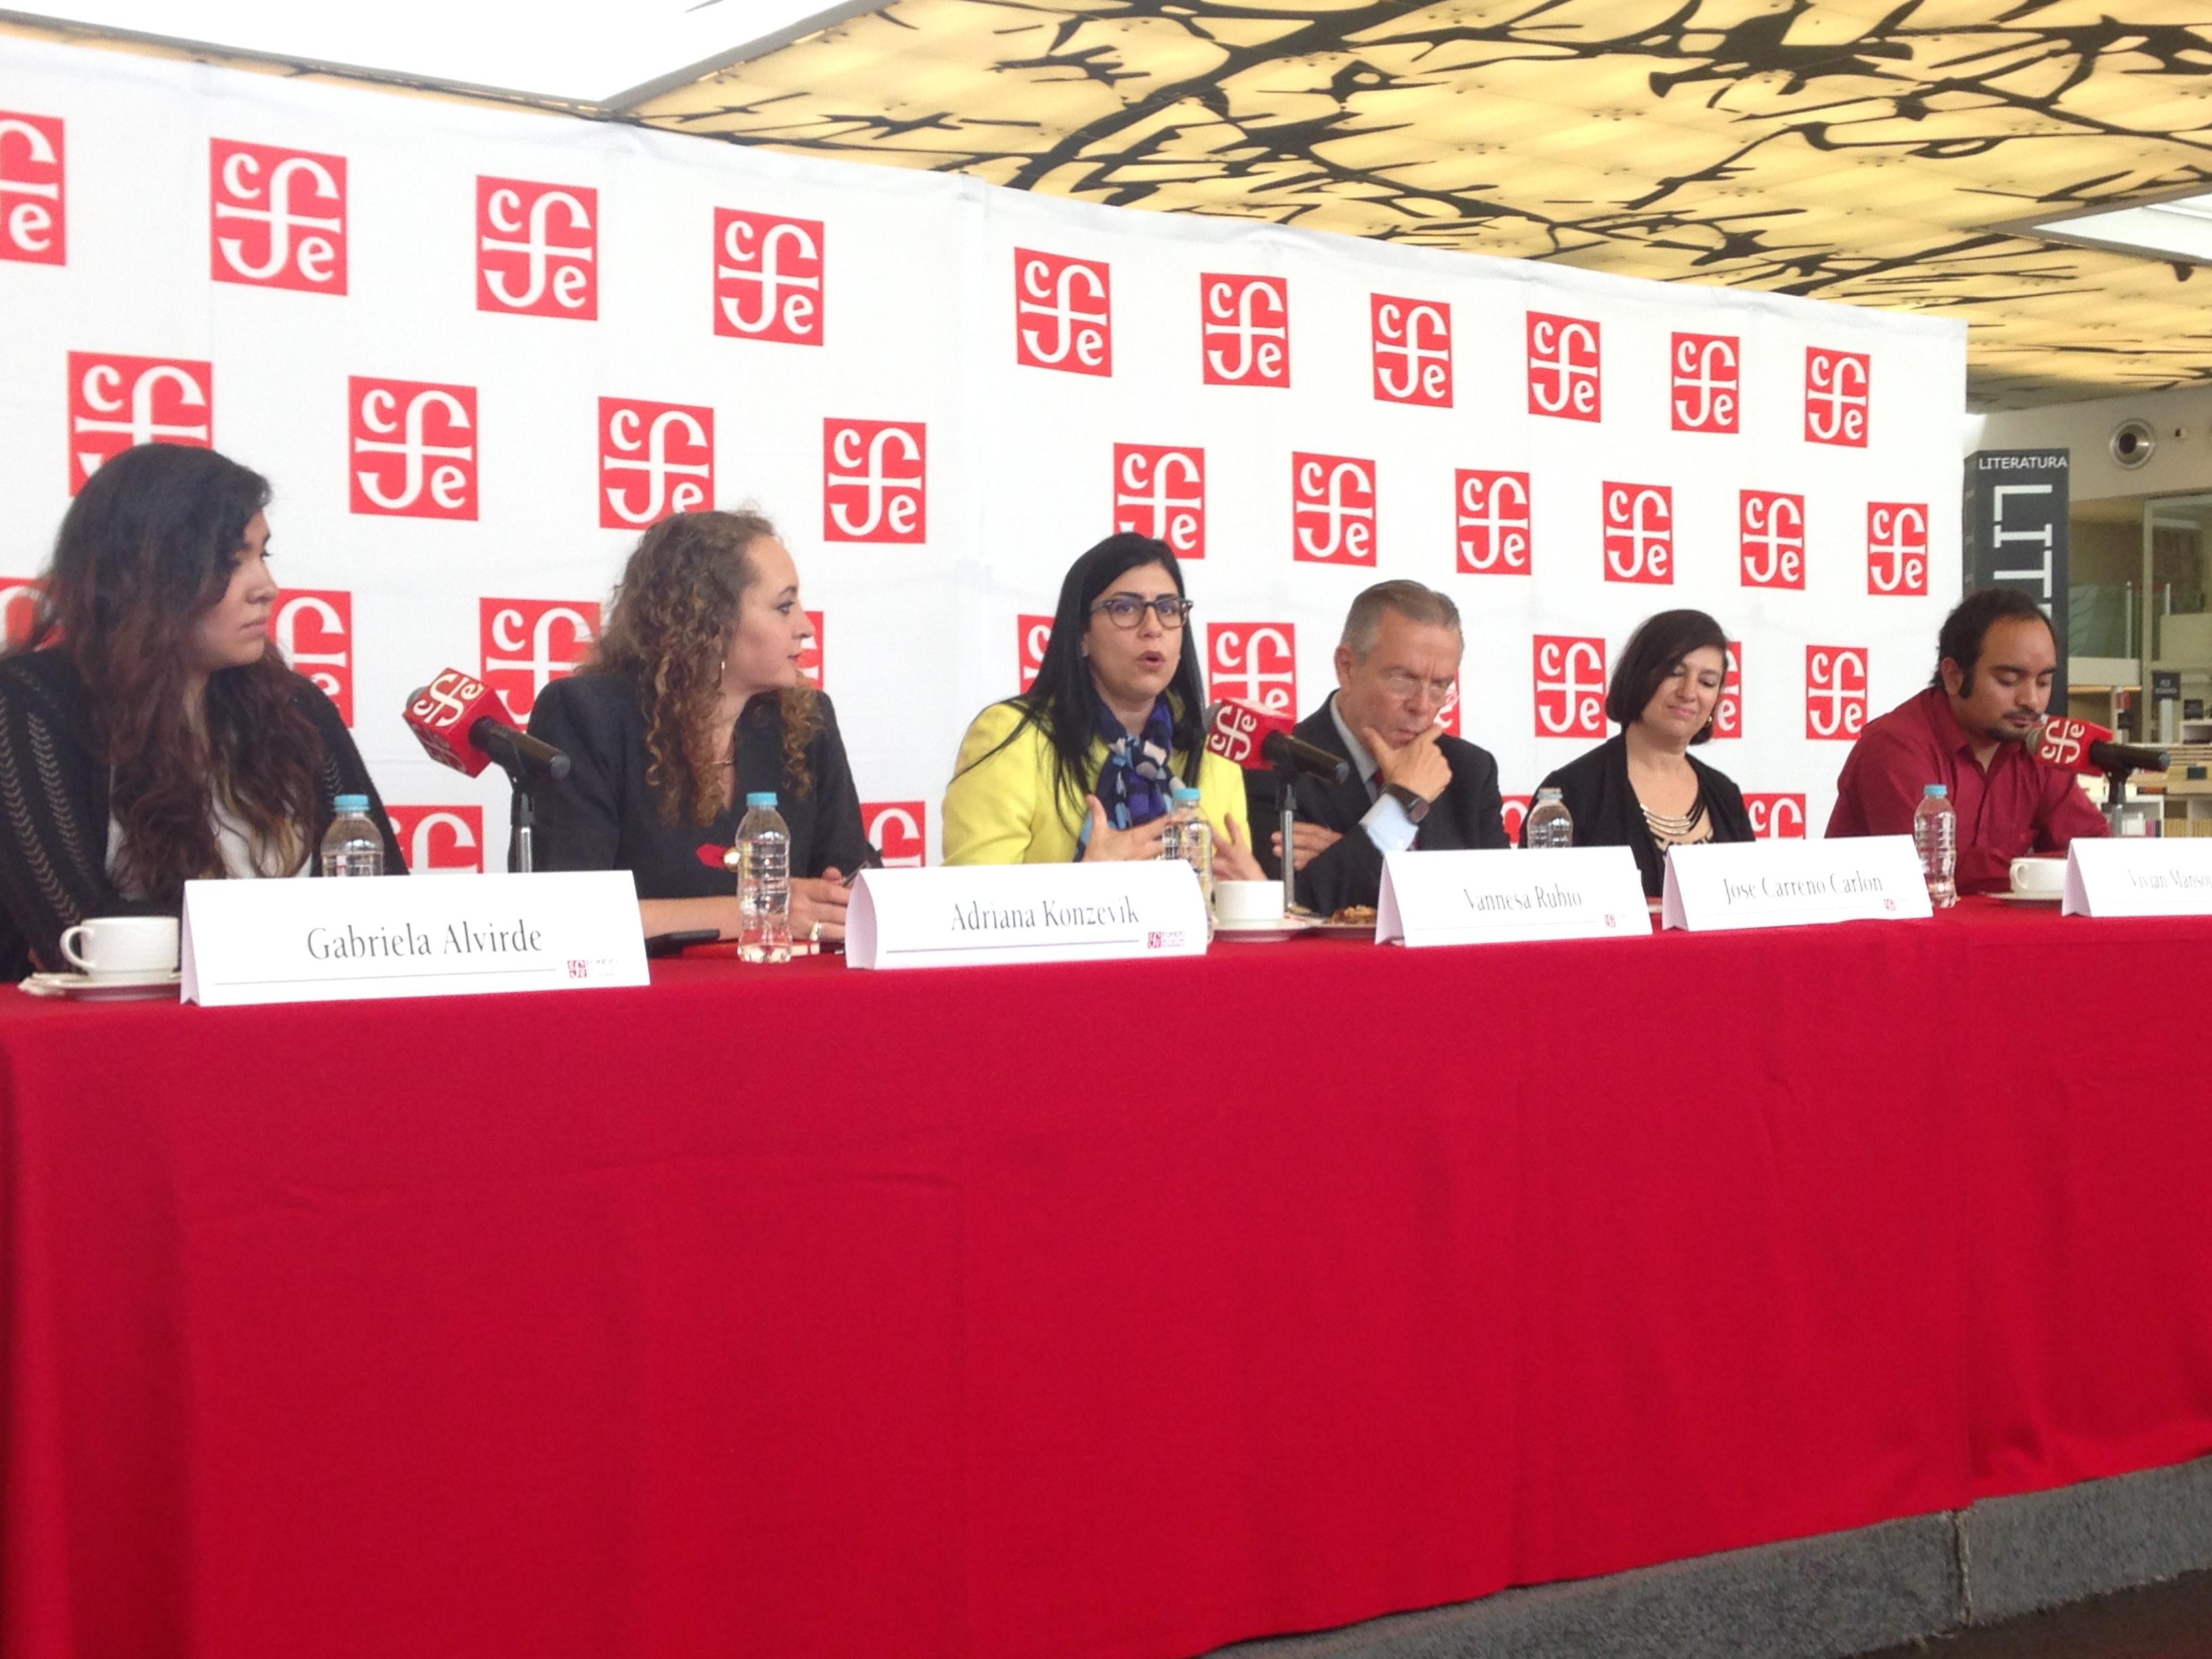 La subsecretaria Vanessa Rubio participa en el lanzamiento del Concurso Internacional de Booktubers